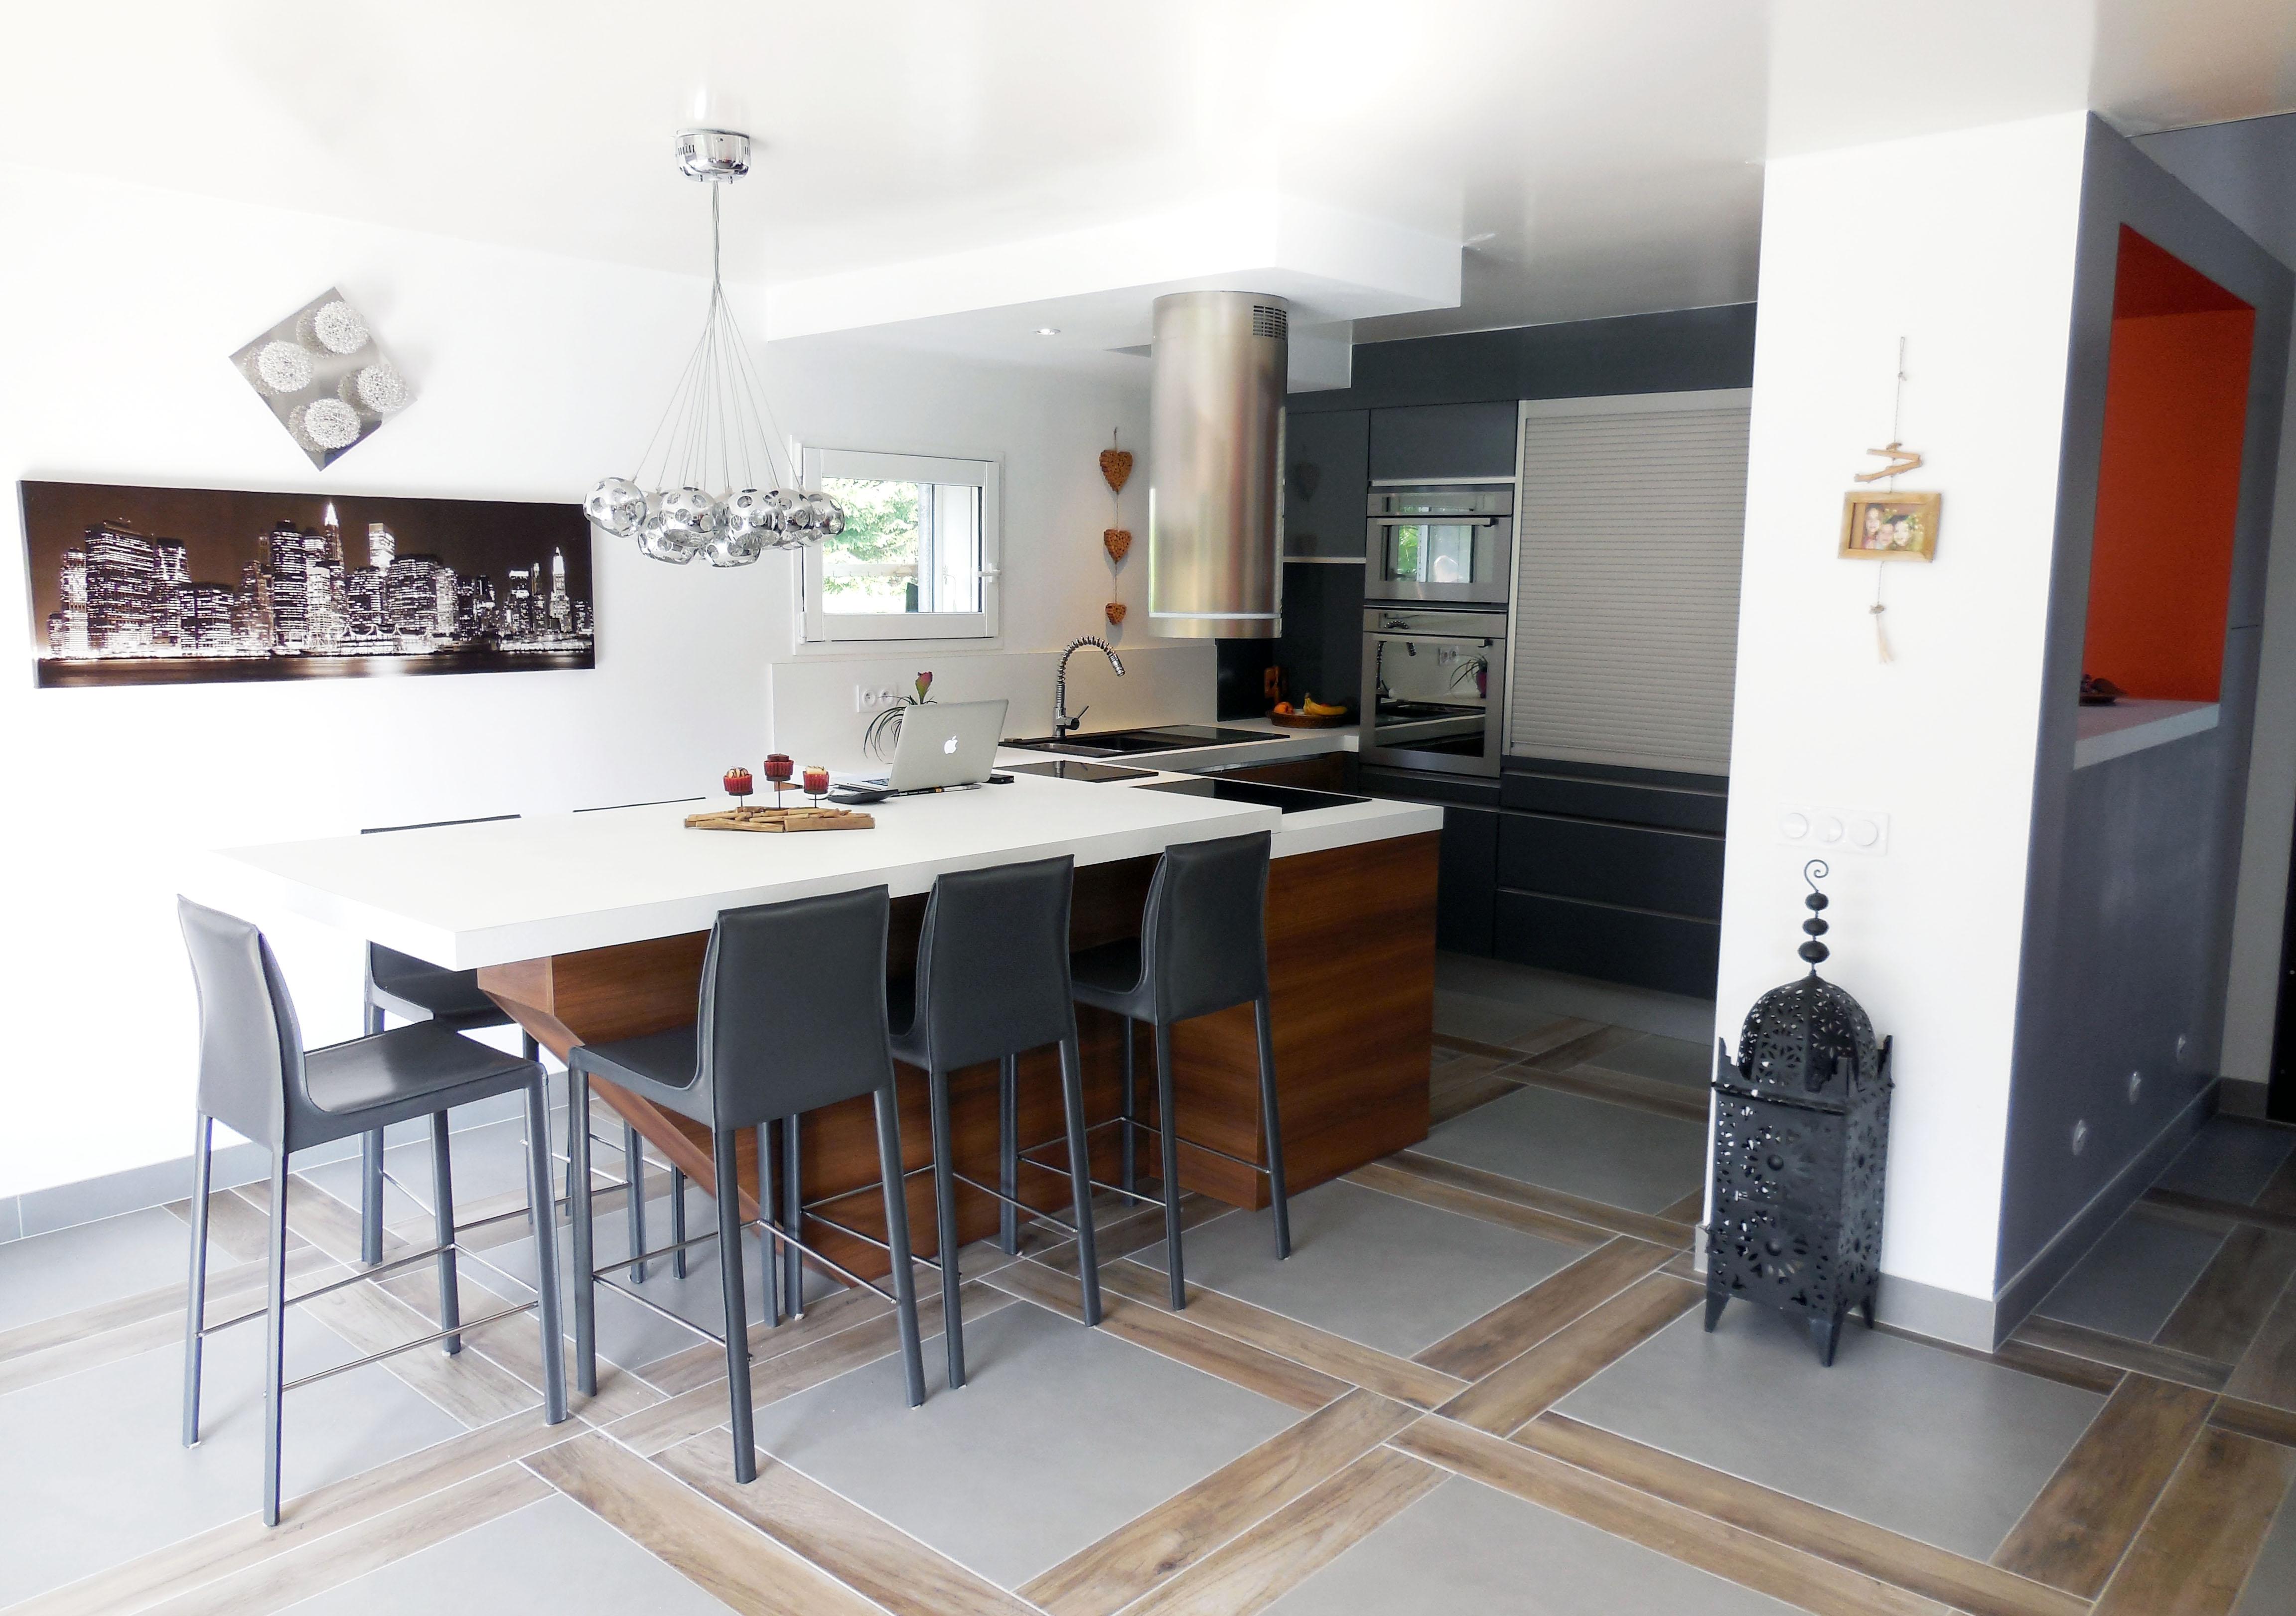 Mod le et ambiance de cuisine design contemporaine for Modele cuisine en u